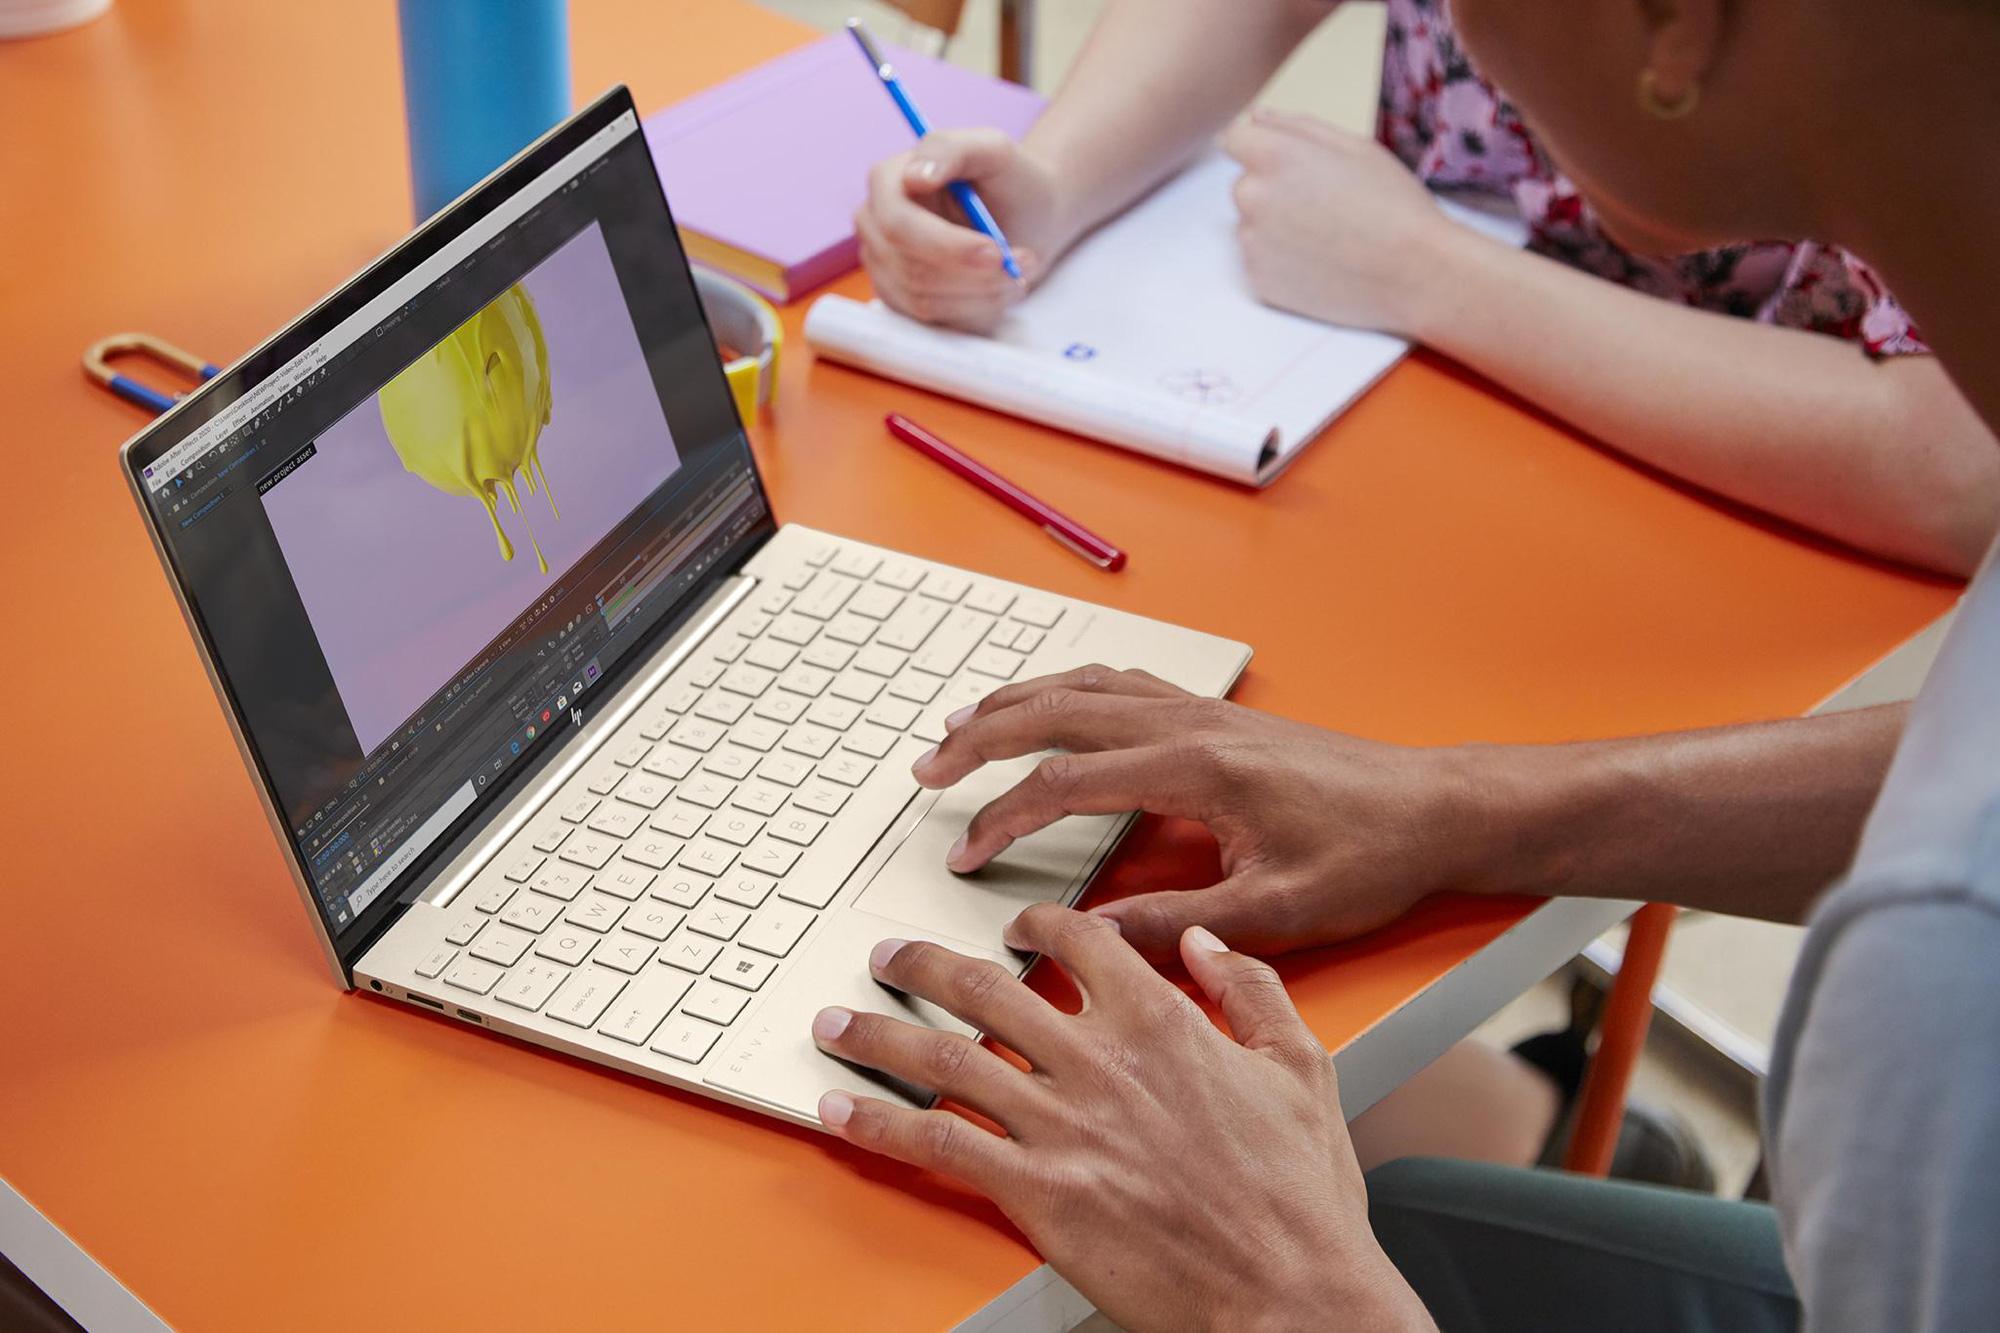 HP Envy 13 nâng cấp cấu hình: Intel Tiger Lake, 16GB RAM, pin trên 9 giờ, Office bản quyền - Ảnh 4.